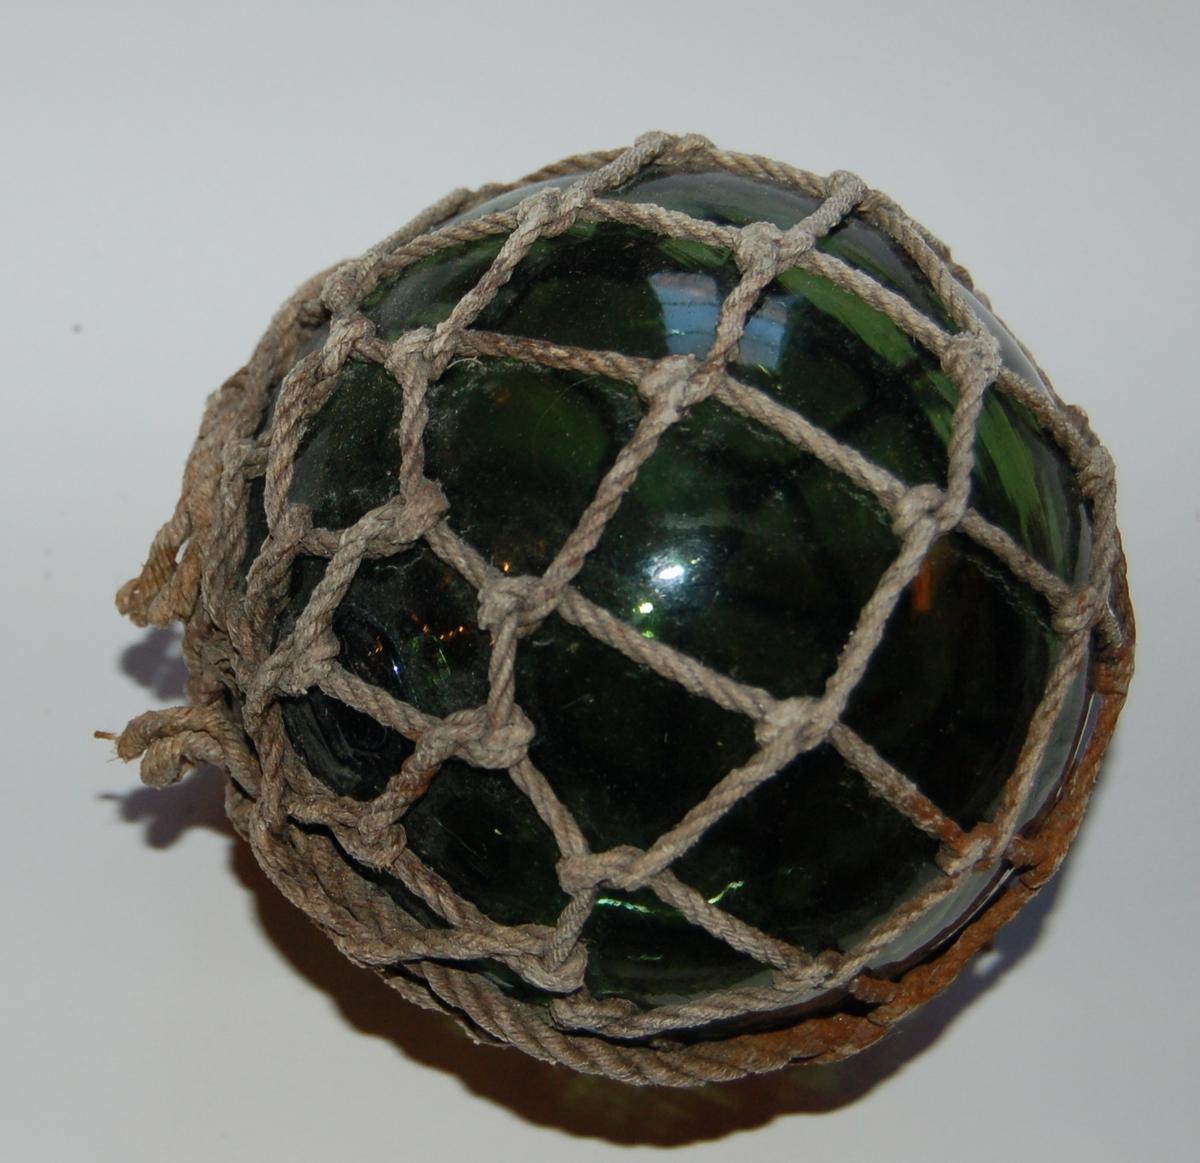 Glaskule innbundet i nettmasker av tau